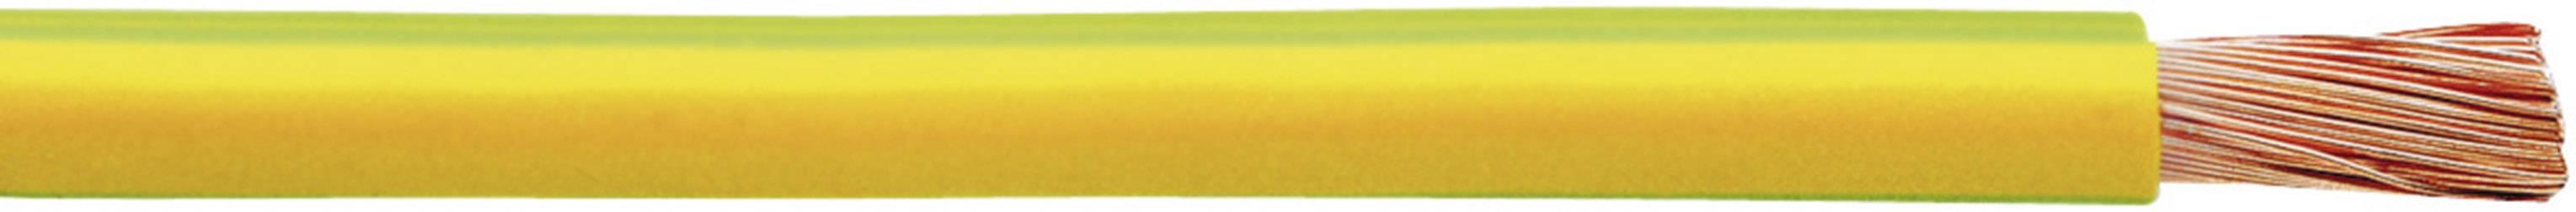 Pletenica H07V-K 1 x 10 mm, zelena-rumena Faber Kabel 040040 cena za meter